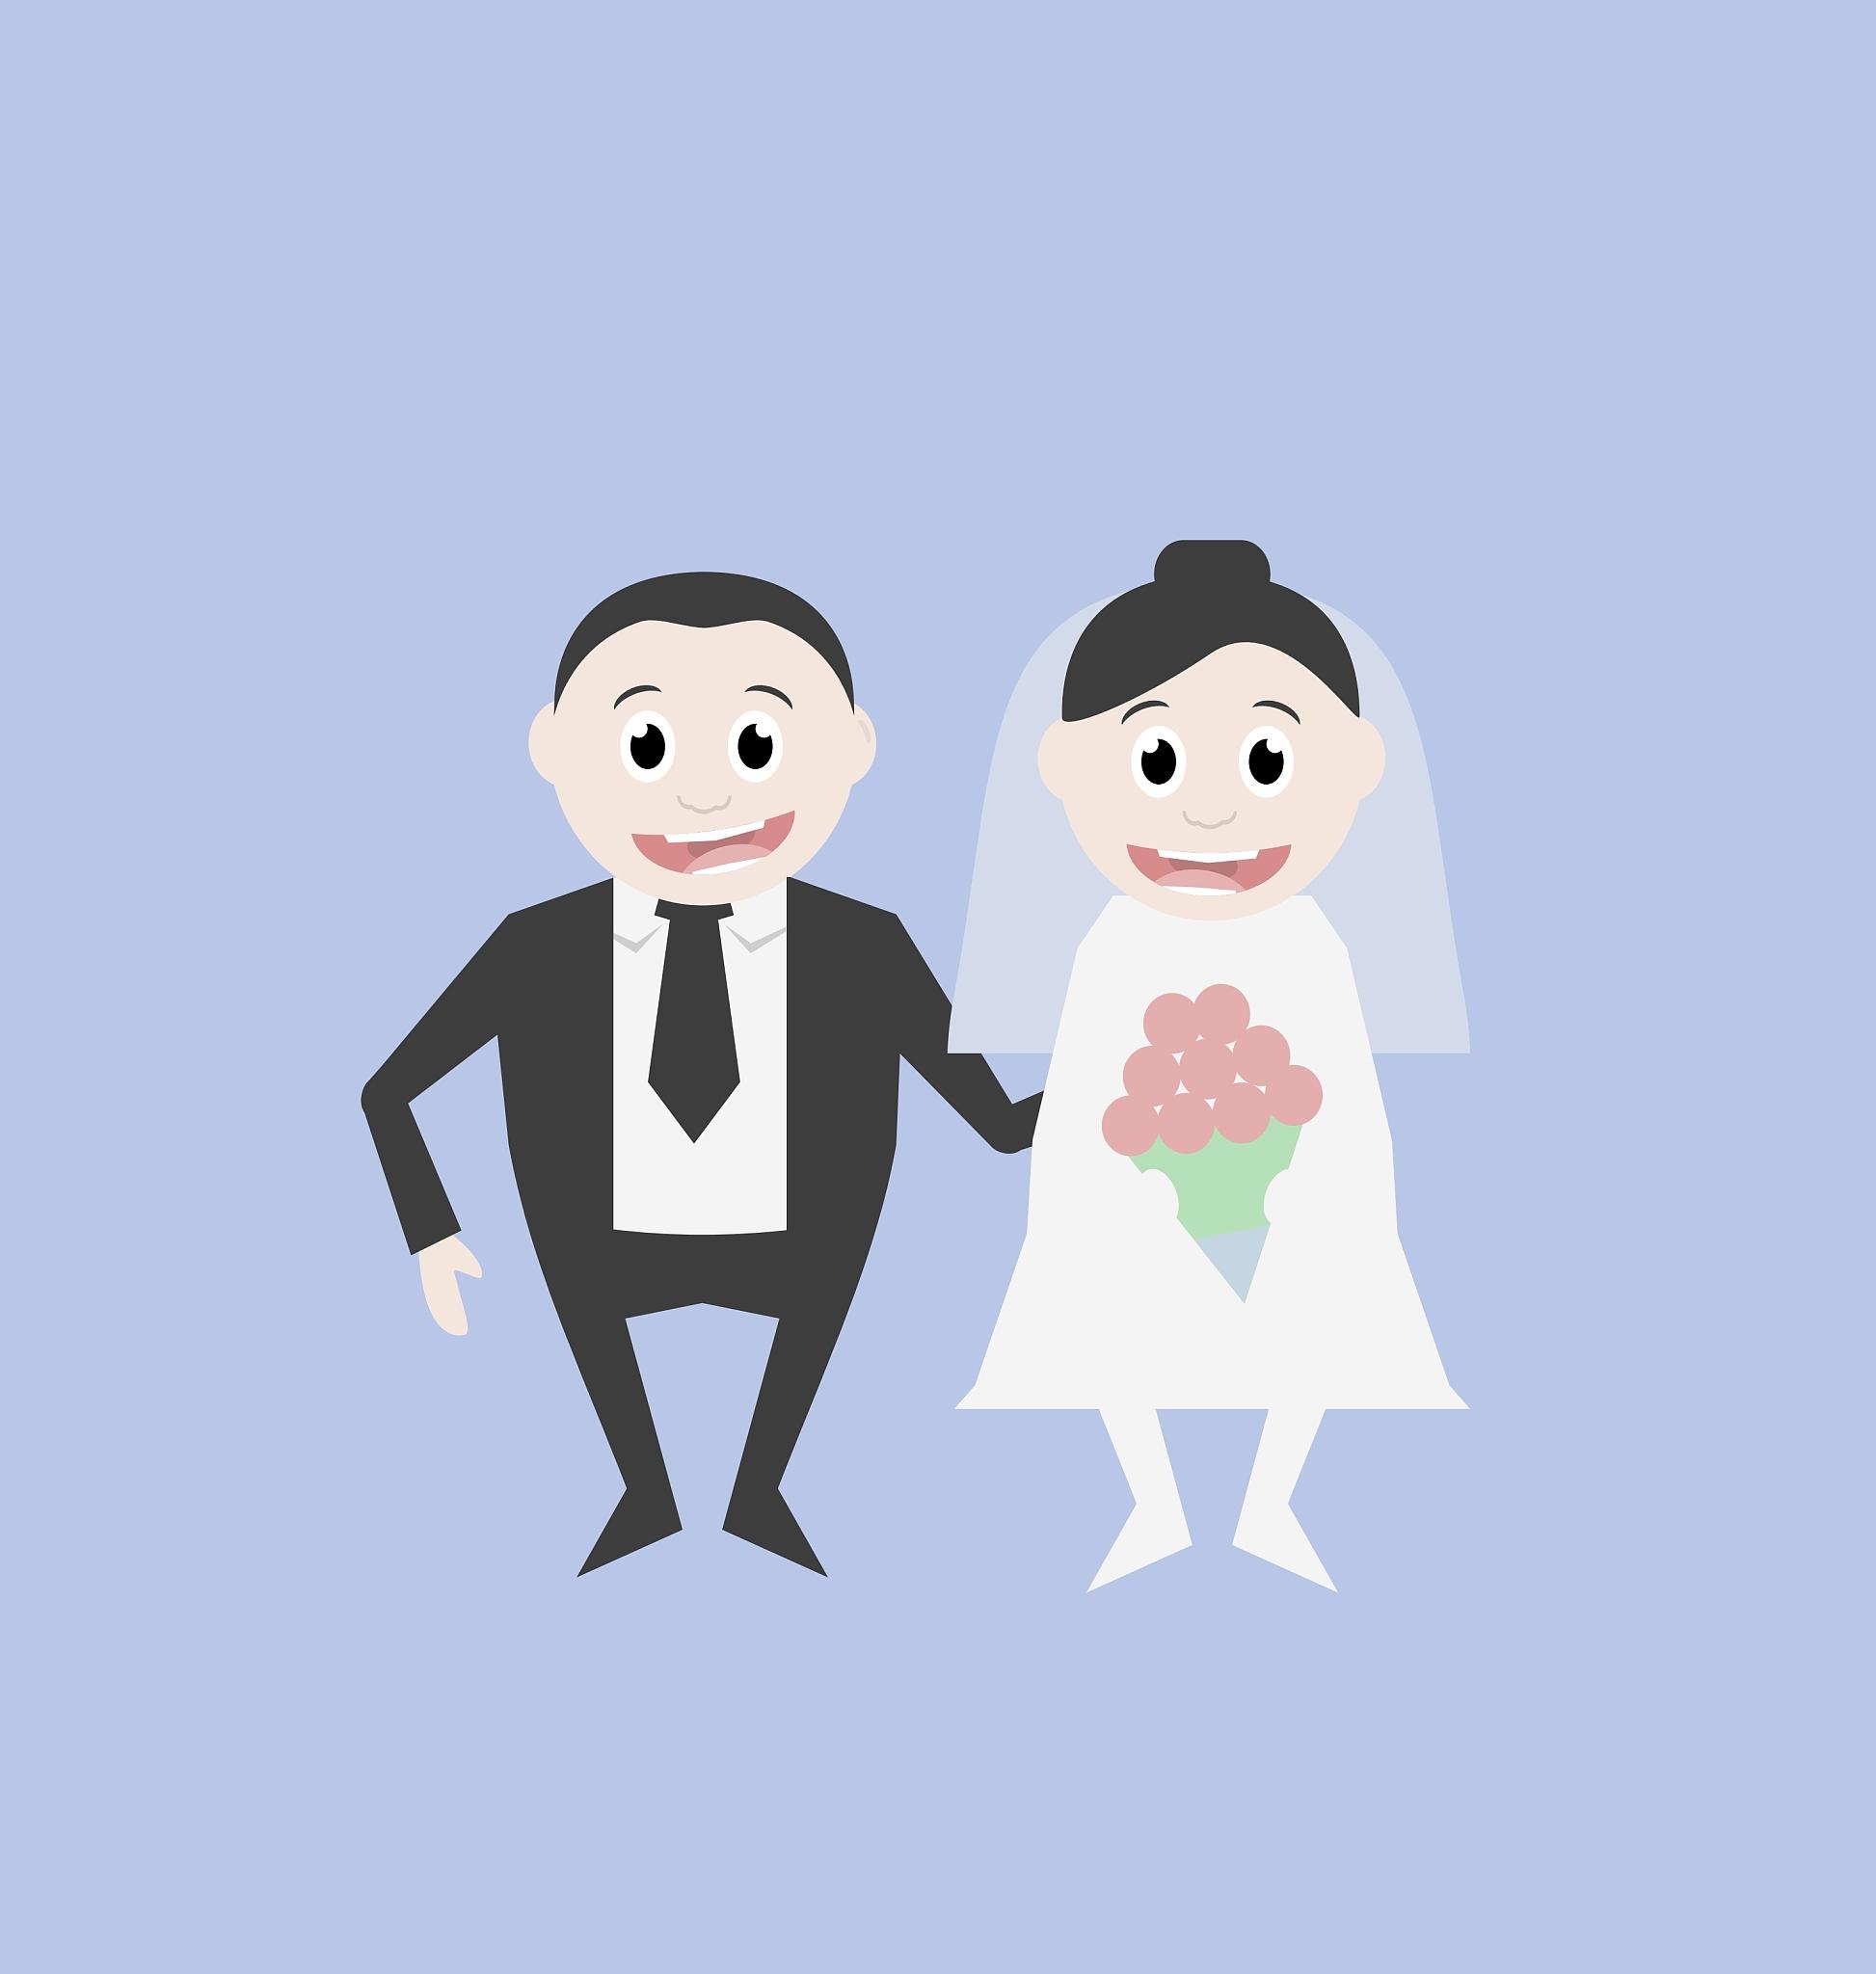 生辰八字算结婚的日子不满意 出生日期转换生辰八字